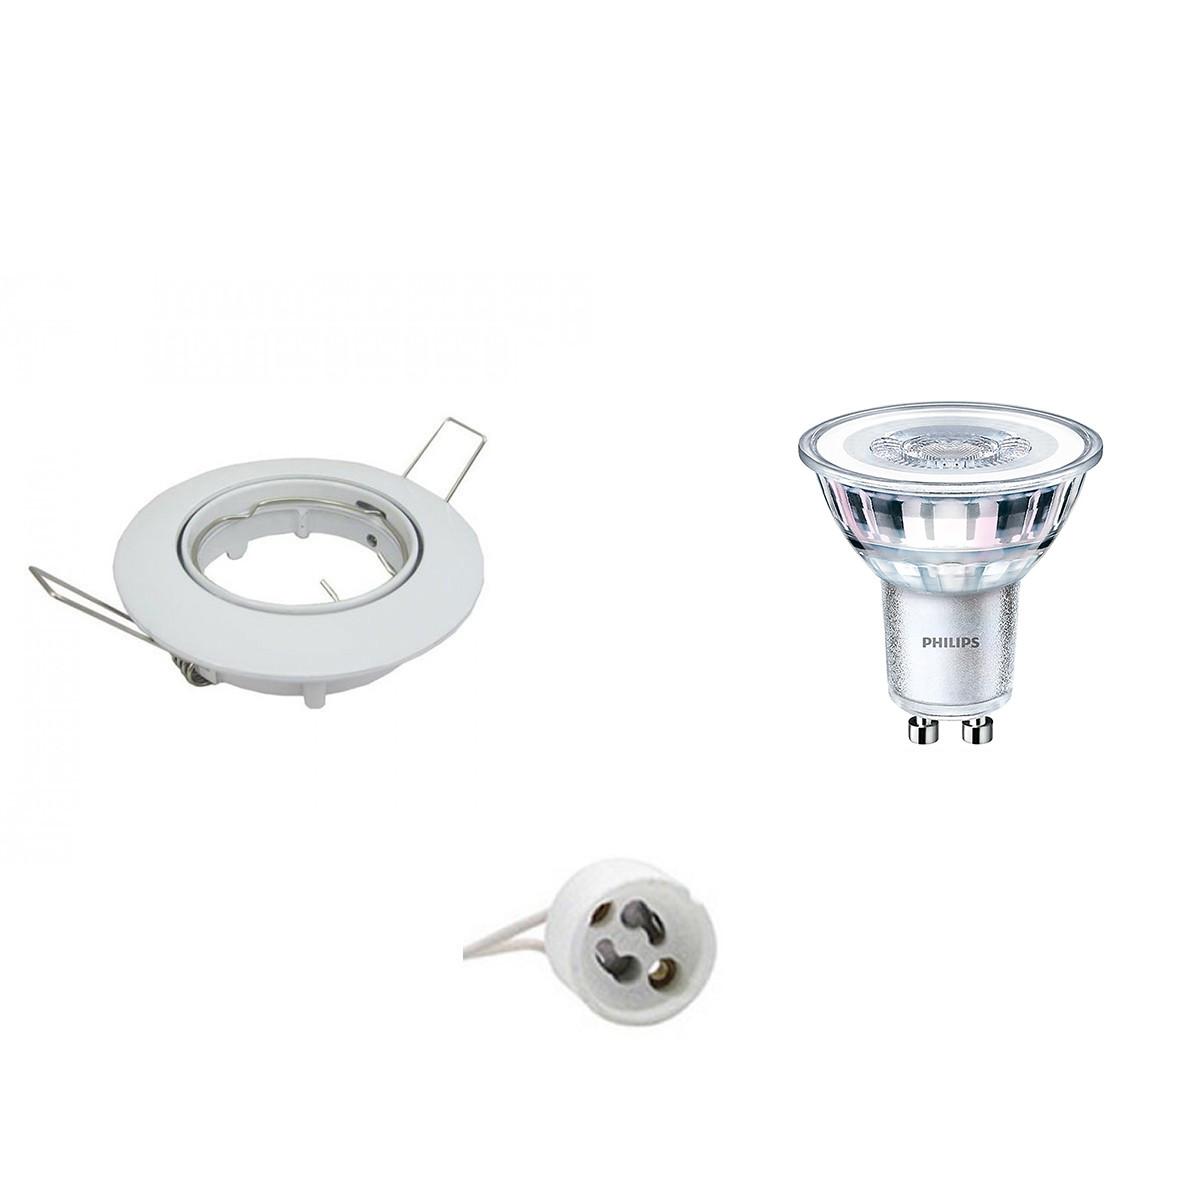 PHILIPS - LED Spot Set - CorePro 840 36D - GU10 Fitting - Inbouw Rond - Glans Wit - 4.6W - Natuurlij